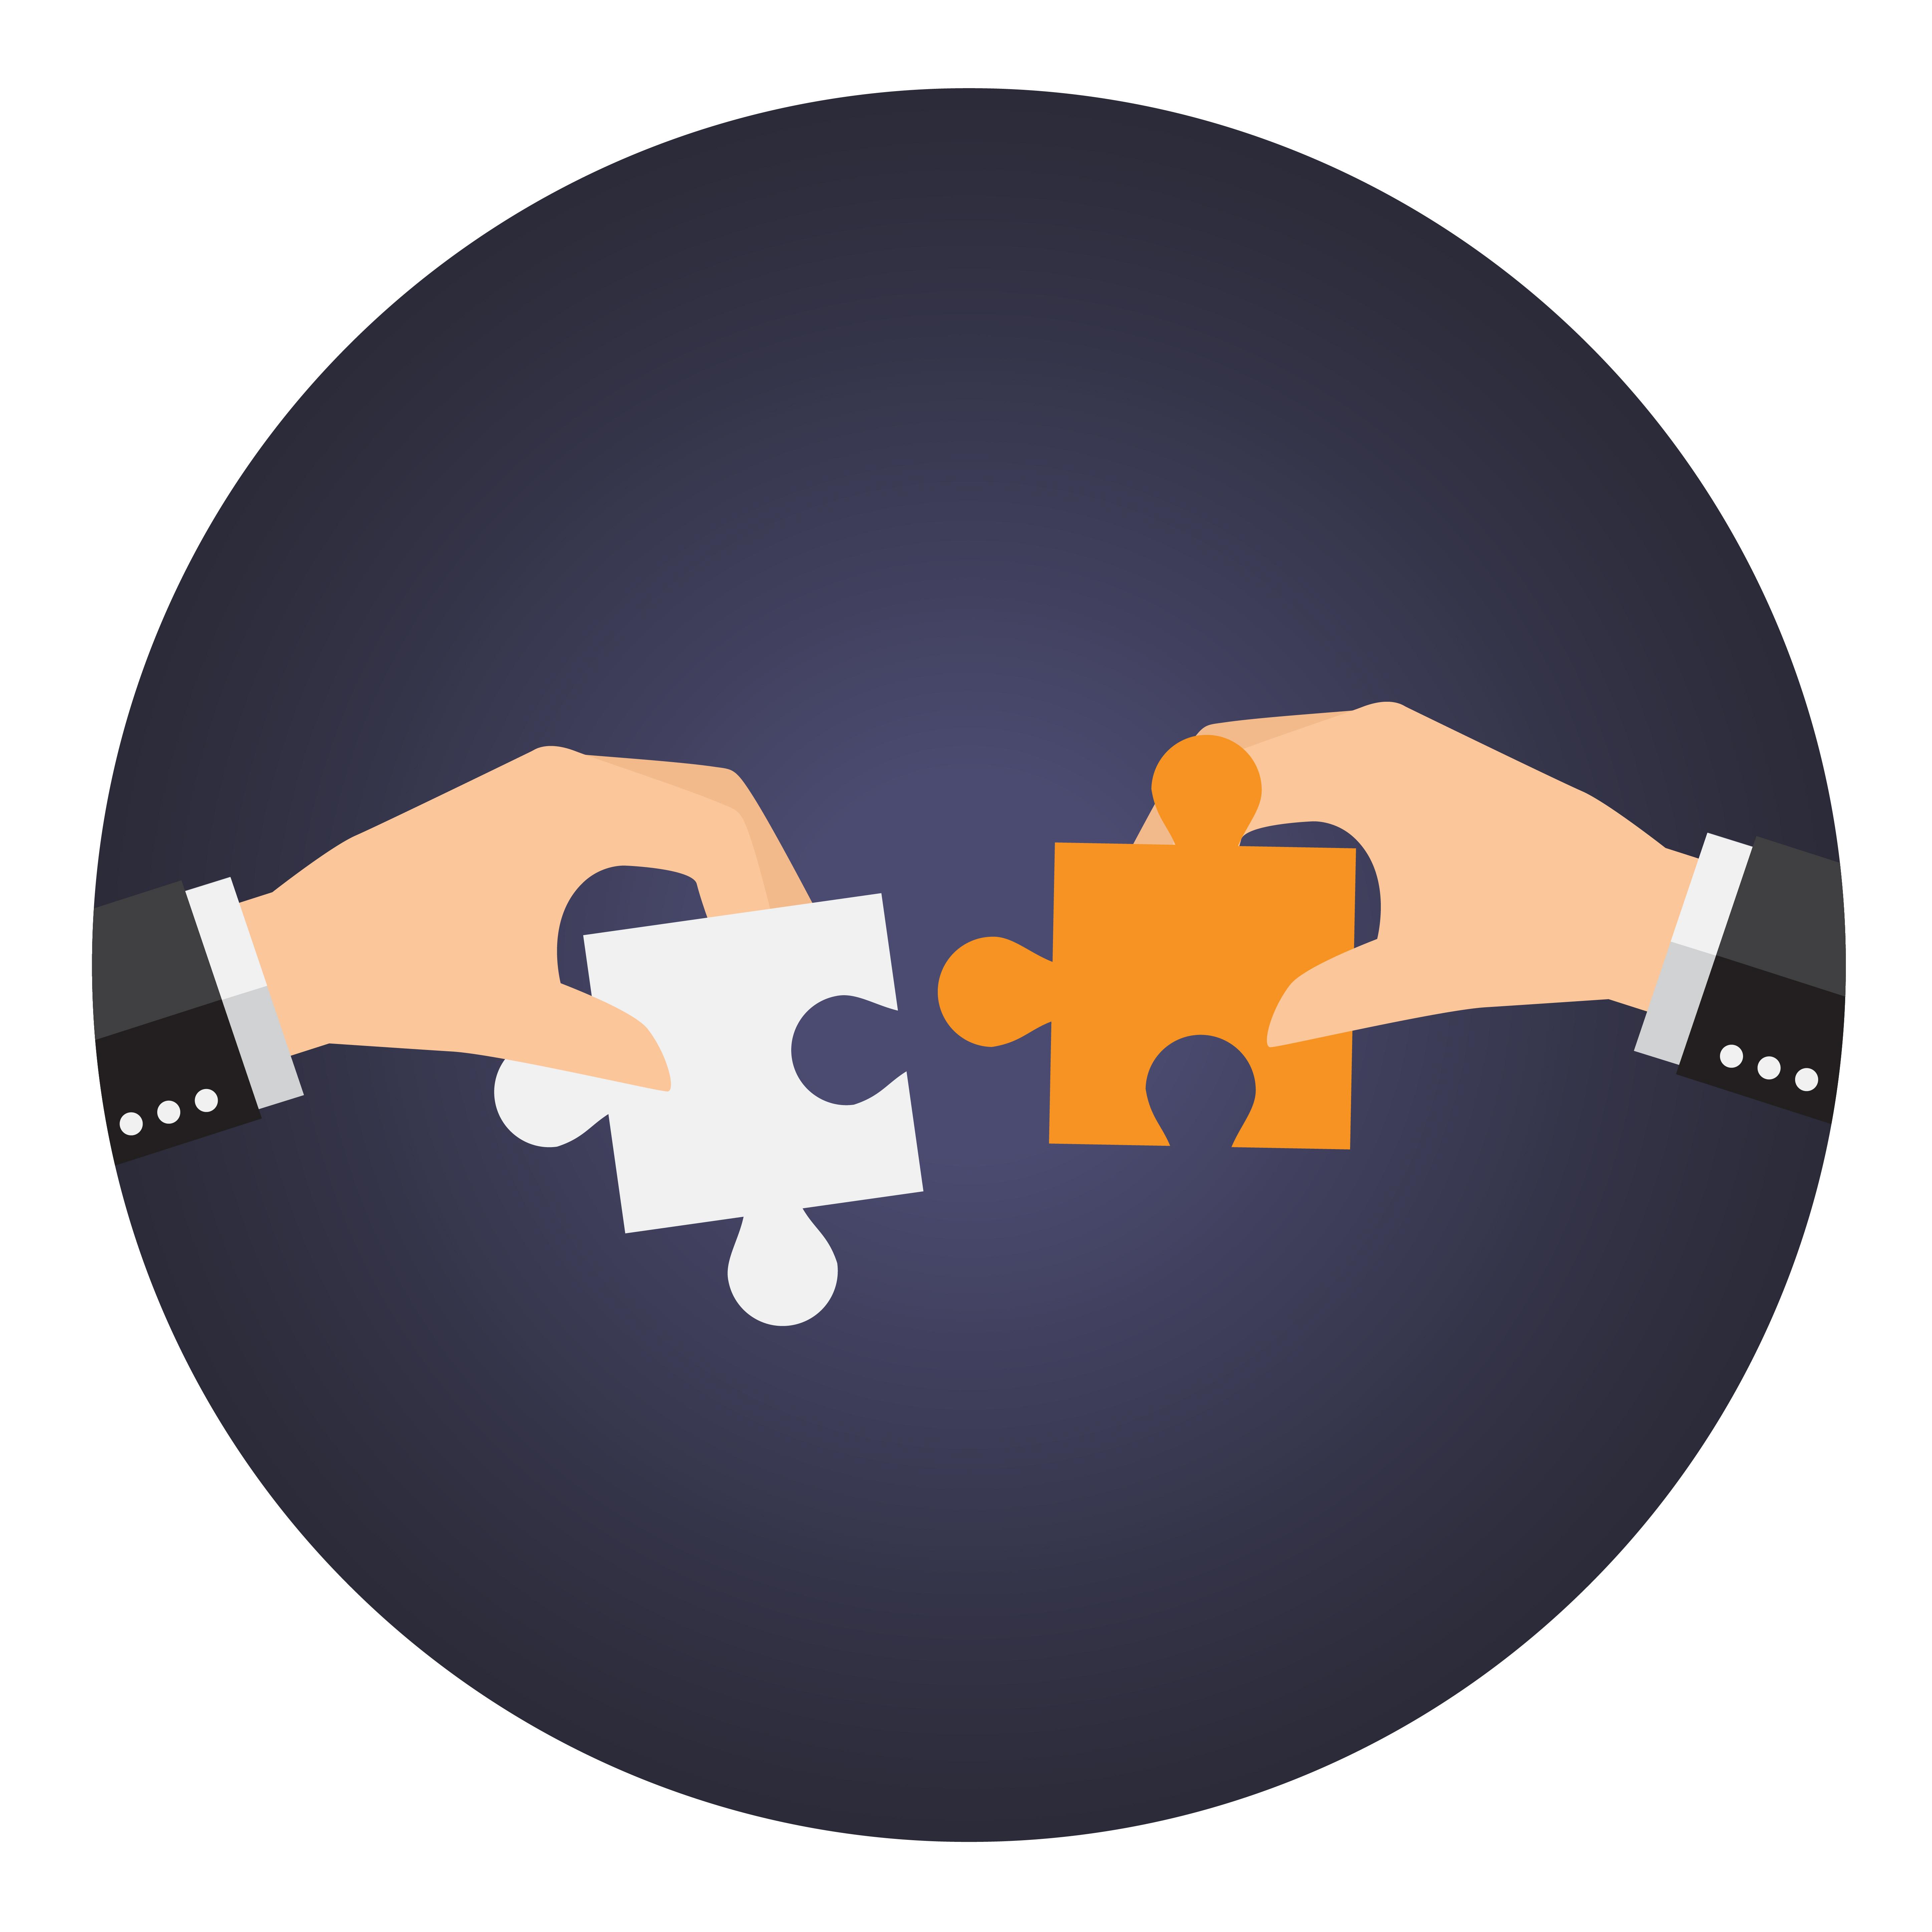 Transcom e Whirlpool assieme per migliorare la Customer Experience